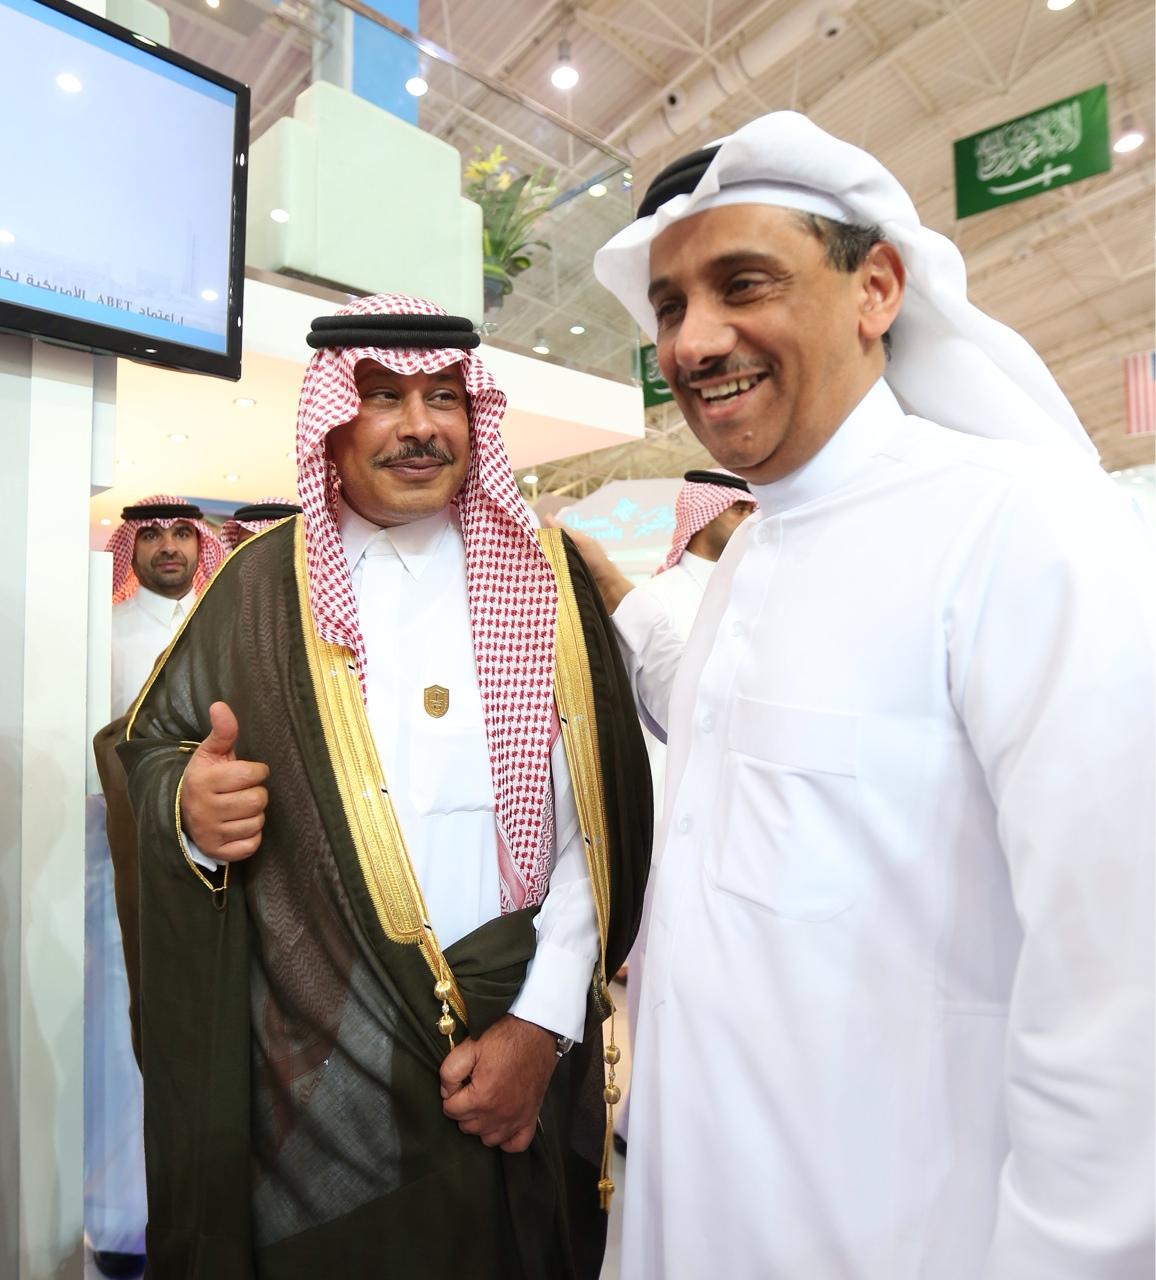 أمير منطقة الباحة يزور جناح الجامعة في المؤتمر والمعرض الدولي للتعليم العالي